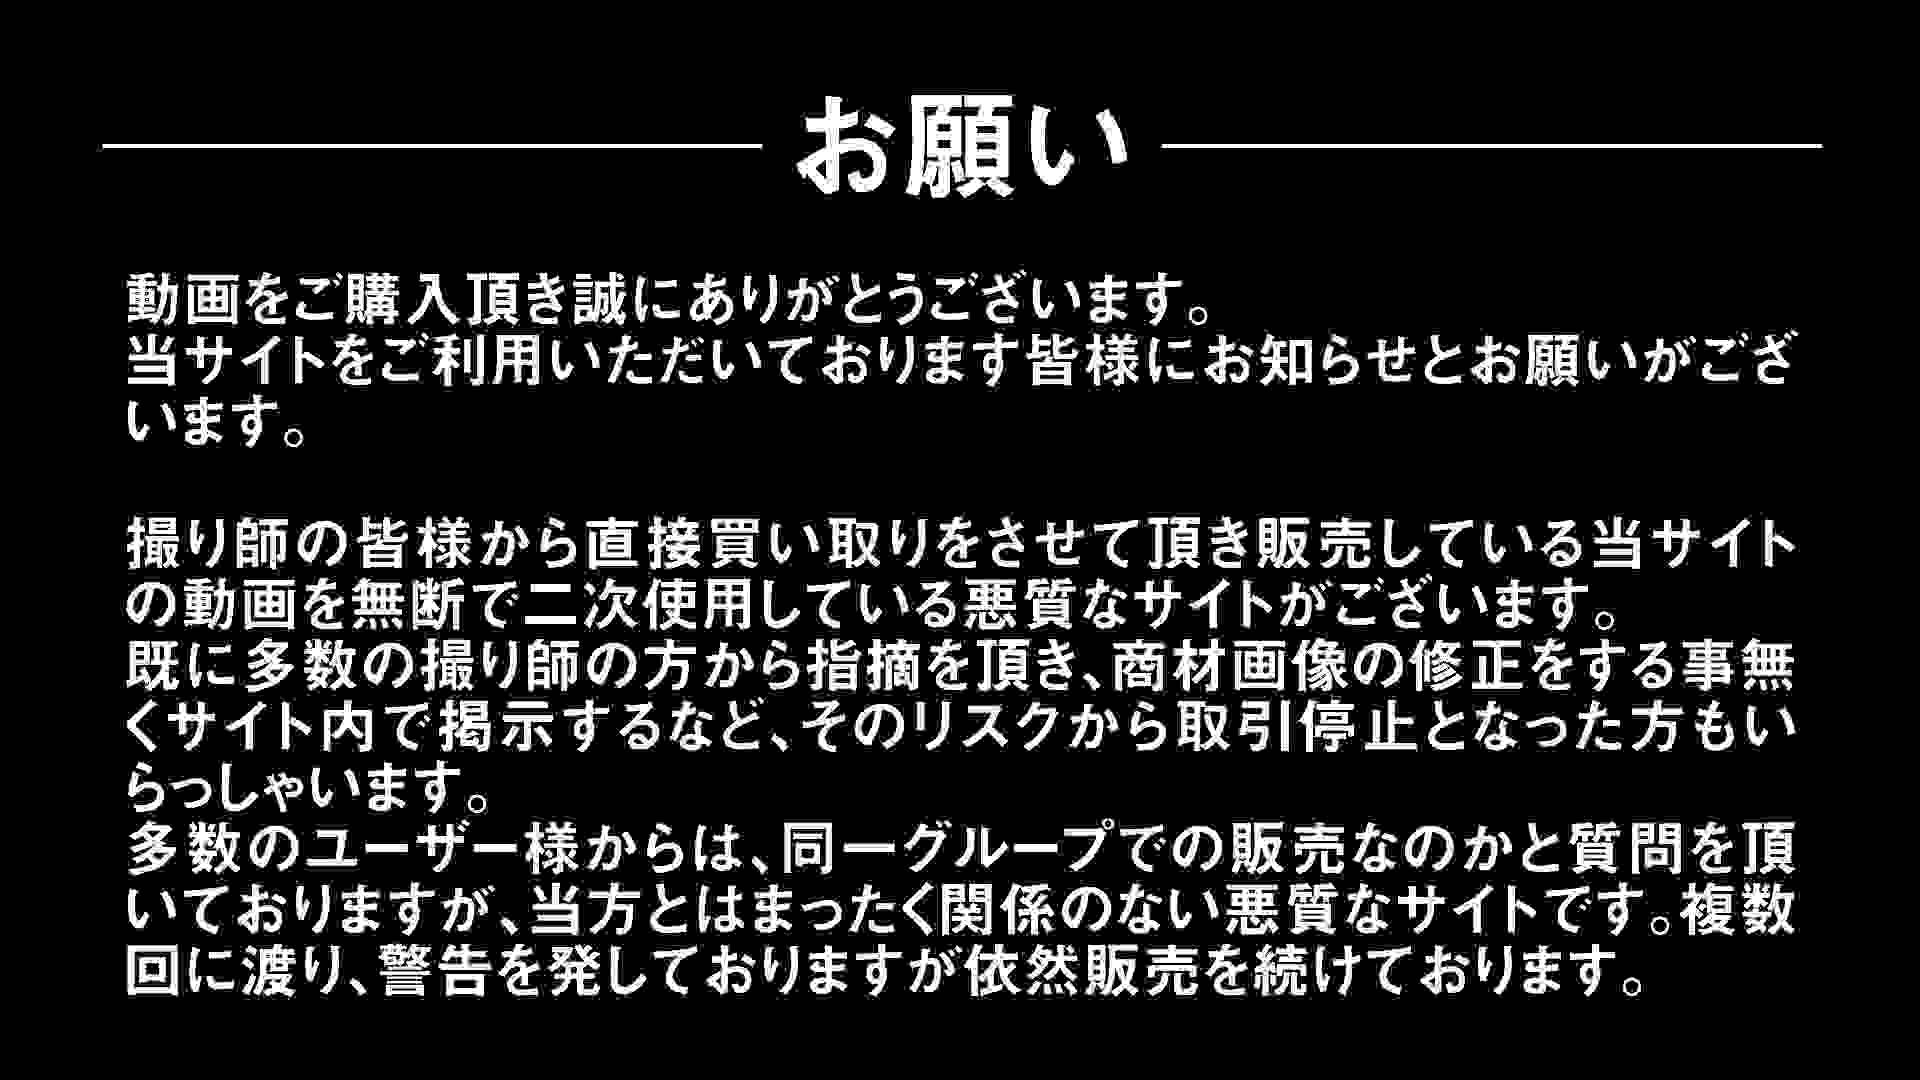 Aquaな露天風呂Vol.296 盗撮  91画像 6